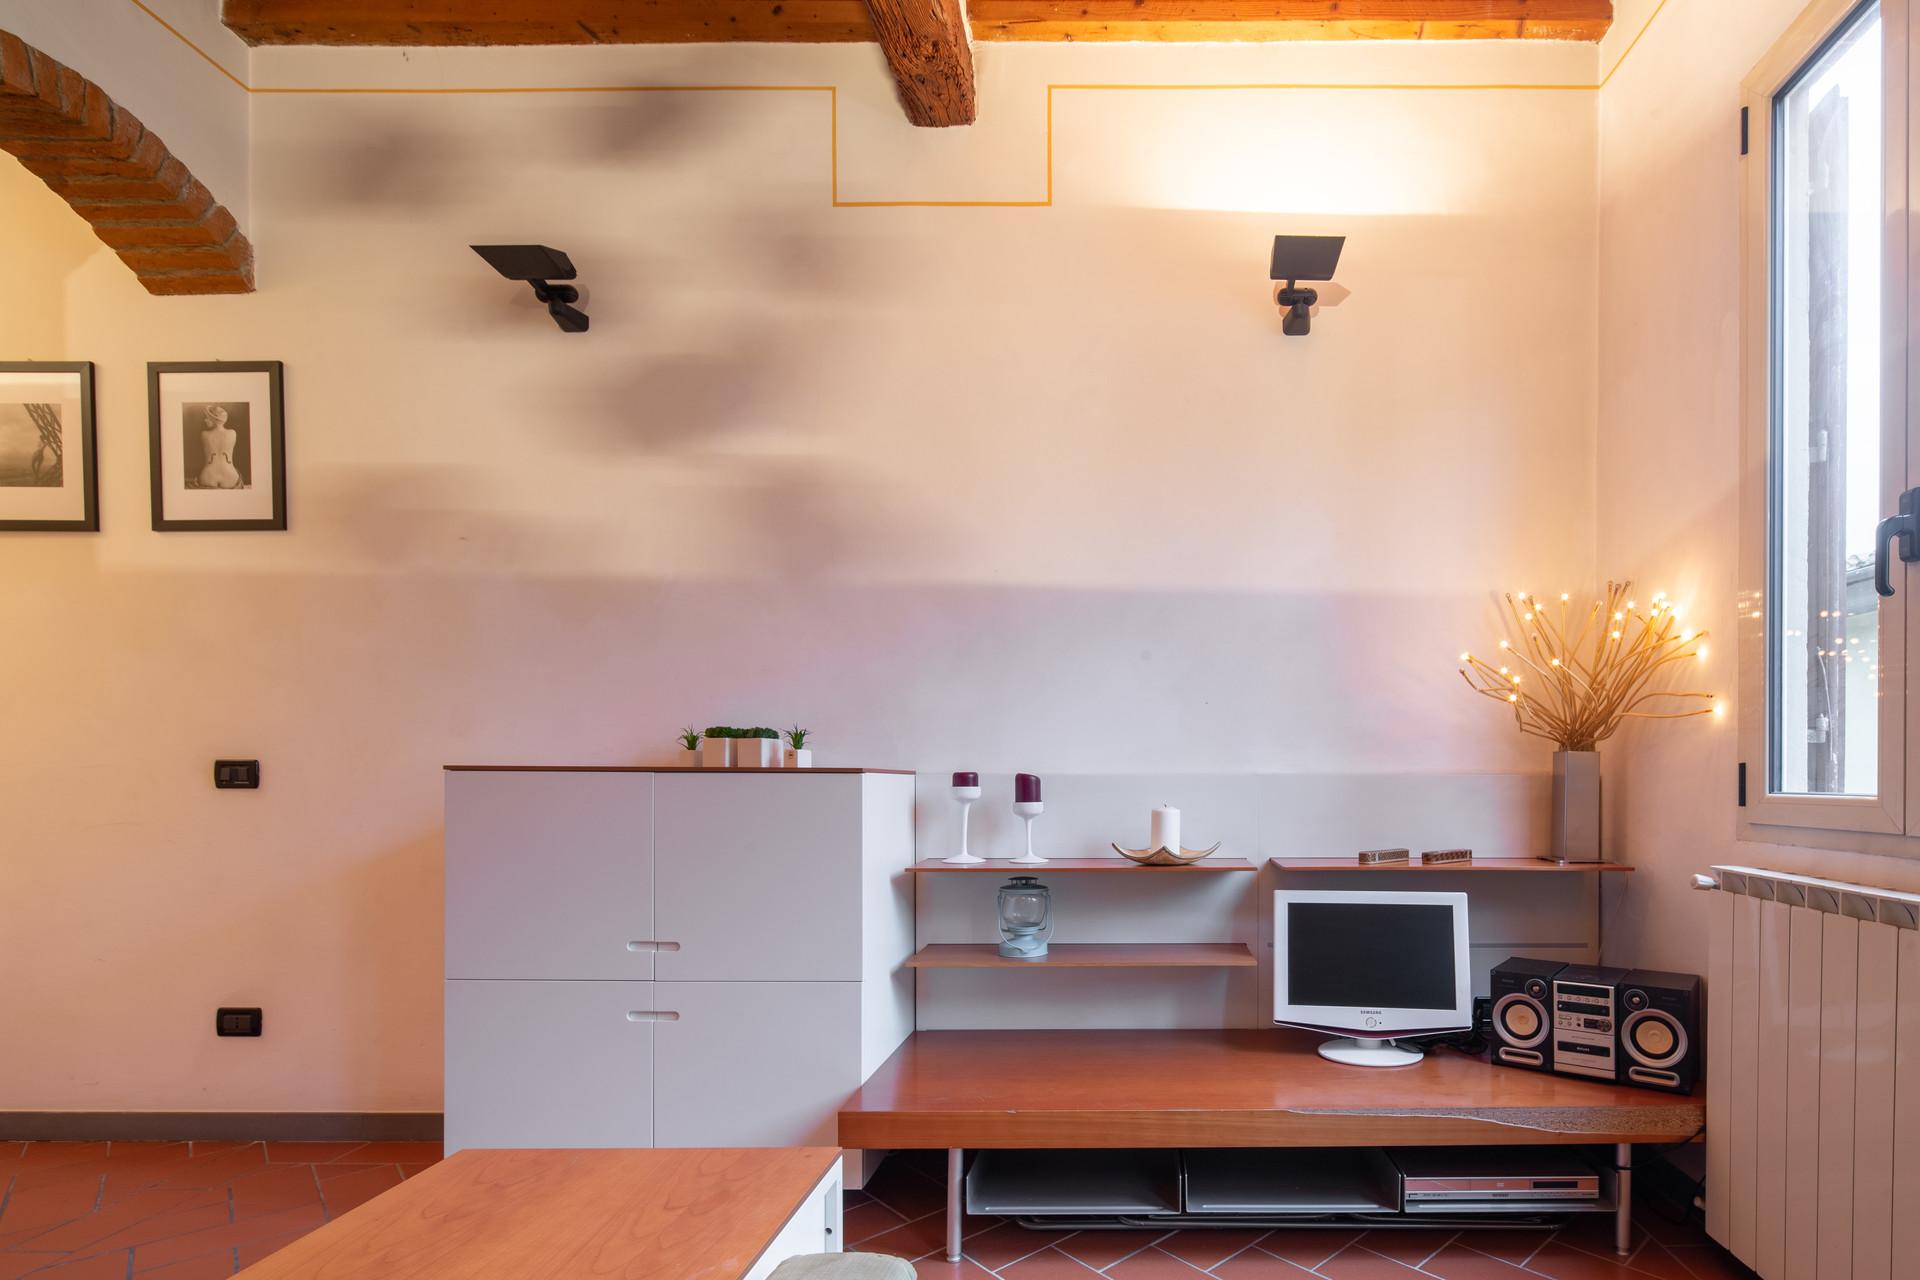 Camere Da Letto Firenze.Santa Monaca Appartamento Con Due Camere Da Letto A Firenze Flat